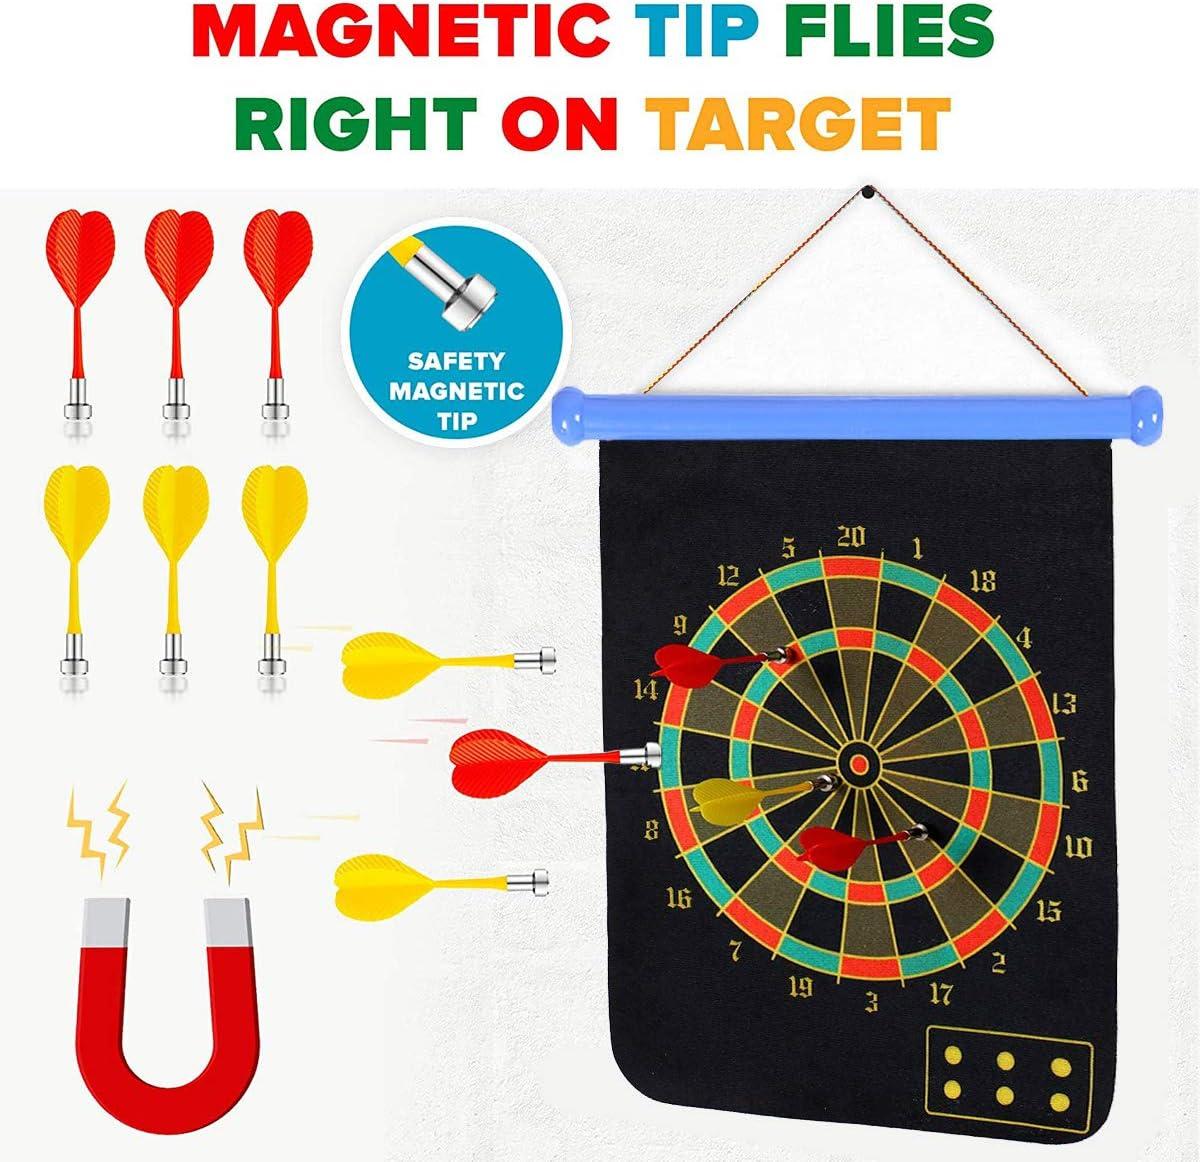 Tablero de Dardos Magn/ético Queta Lanzamiento de Dardos para Ni/ños con 8 Bolas 8 Flechas Juego de Pelota de Pegamento Enrollable Reversible para Interior y Exterior